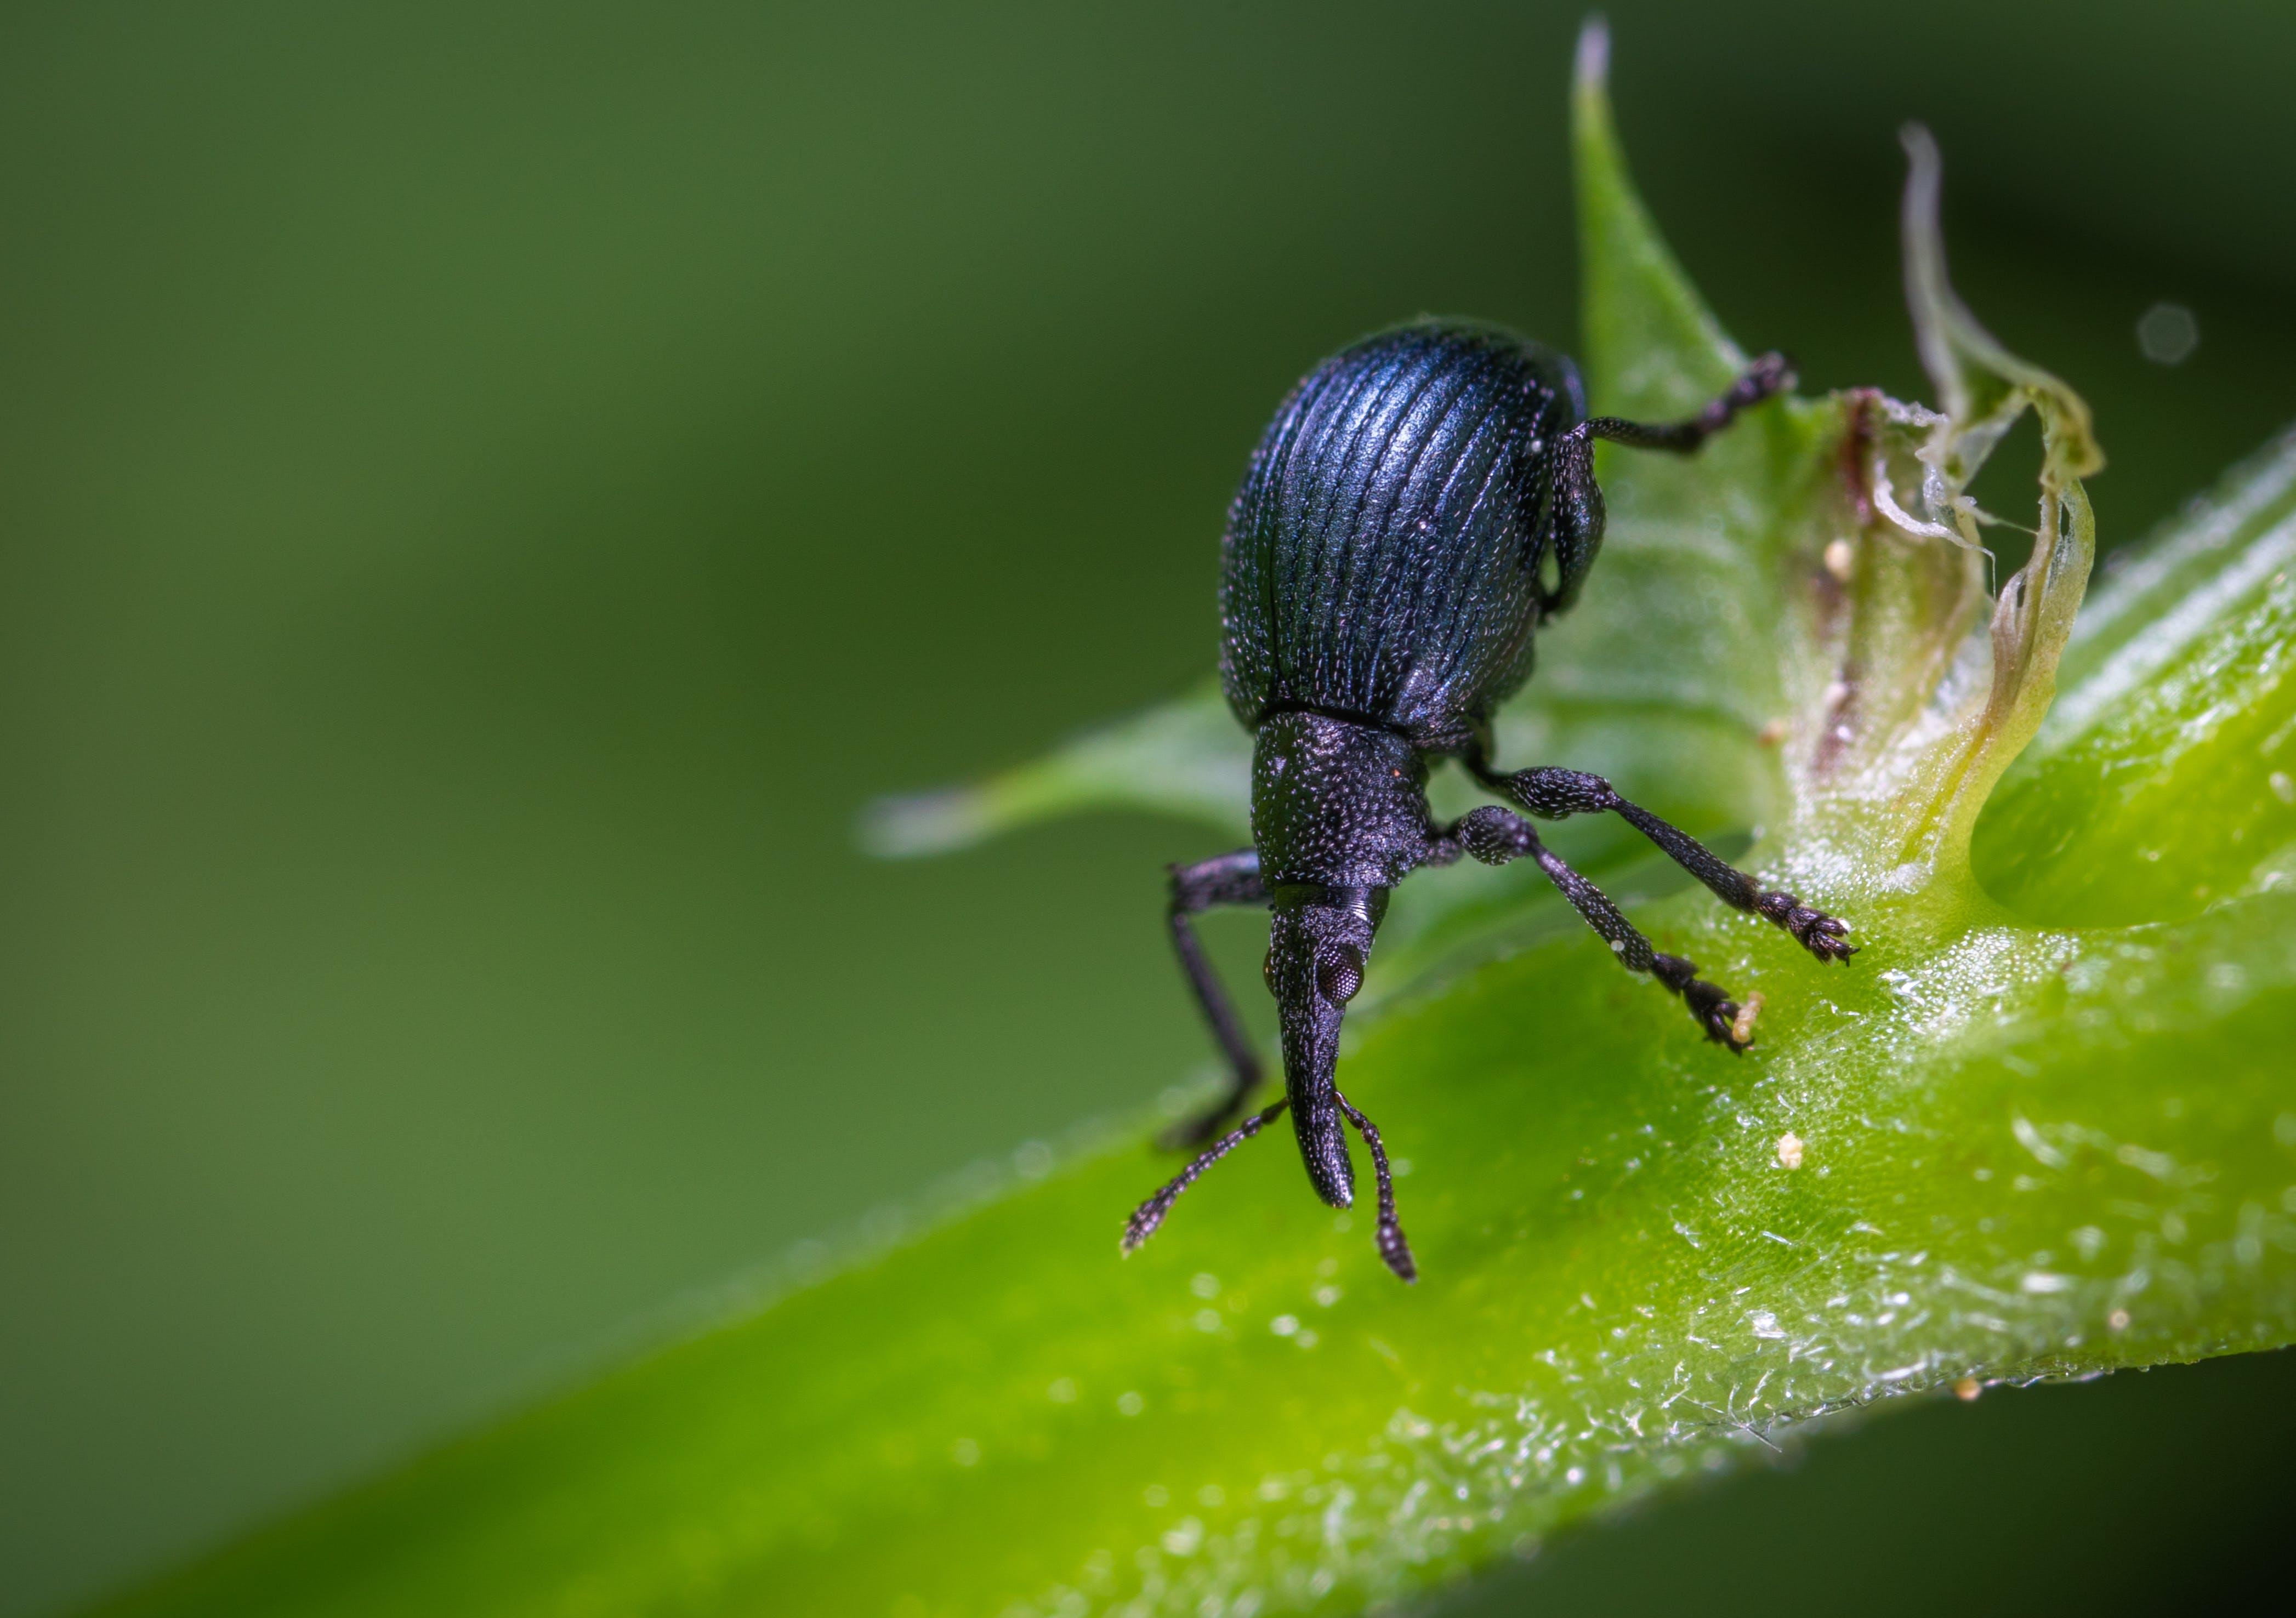 Fotos de stock gratuitas de Beetle, insecto, macro, pequeño